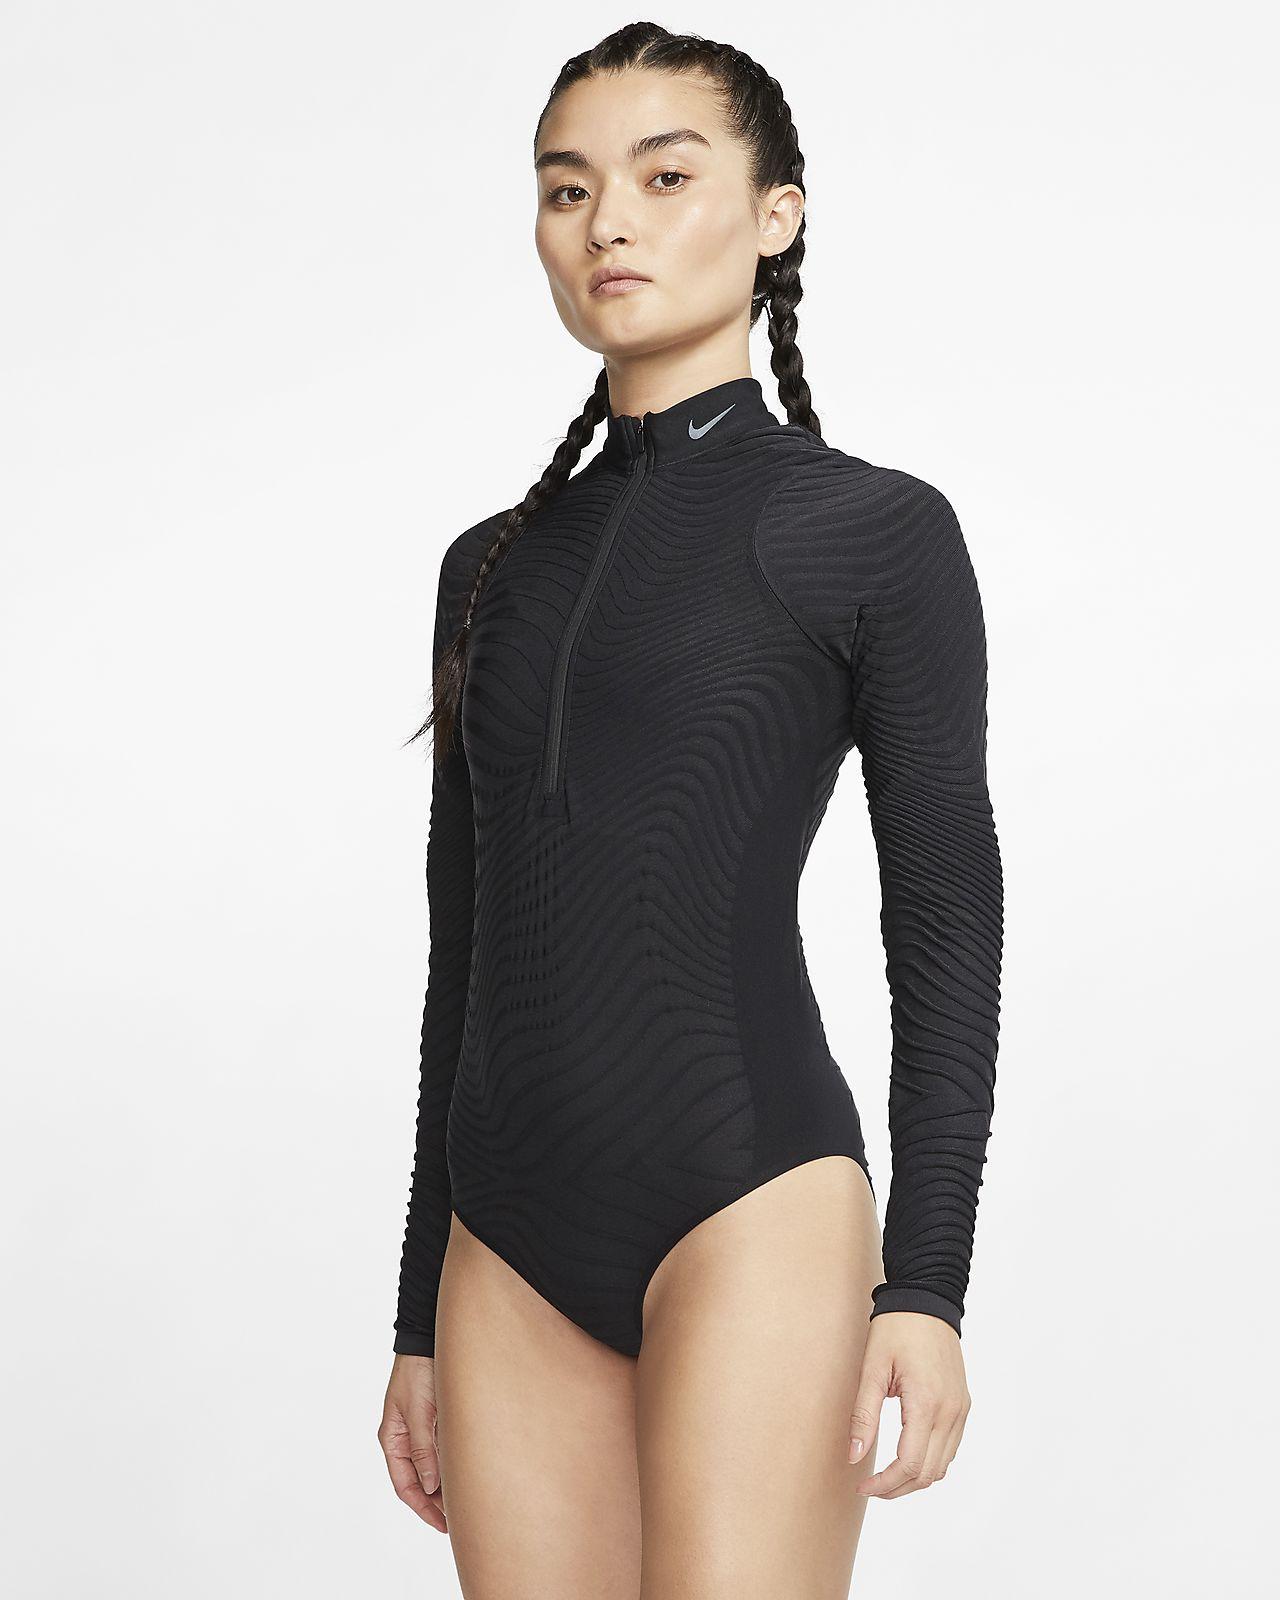 Женское бесшовное боди с длинным рукавом для тренинга Nike City Ready